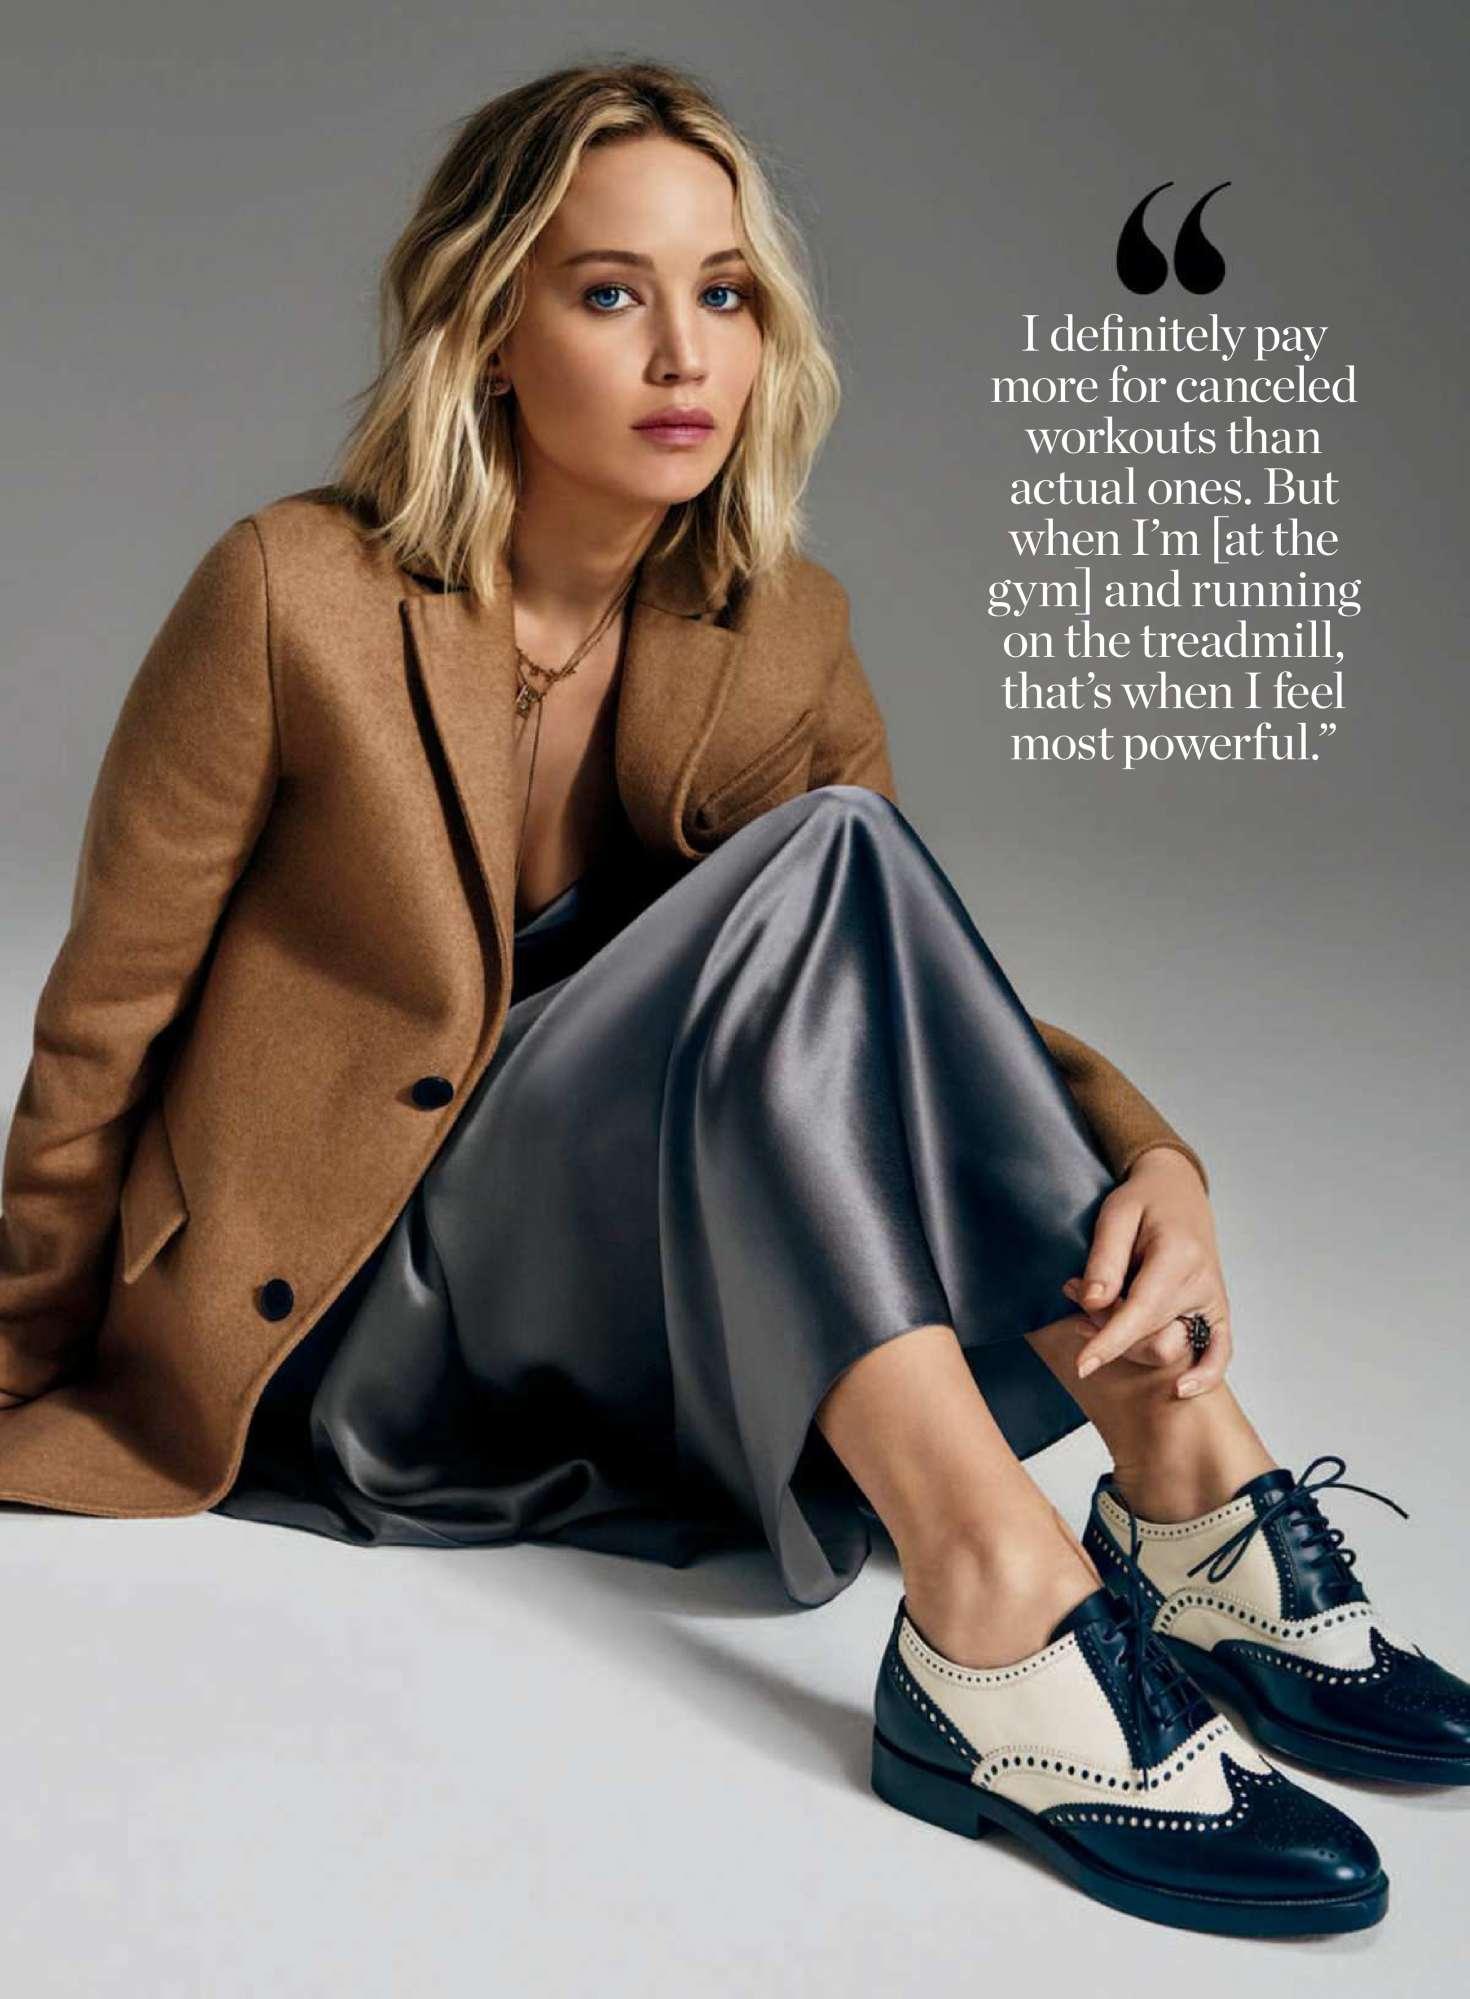 Jennifer Lawrence foe InStyle Magazine (October 2018)